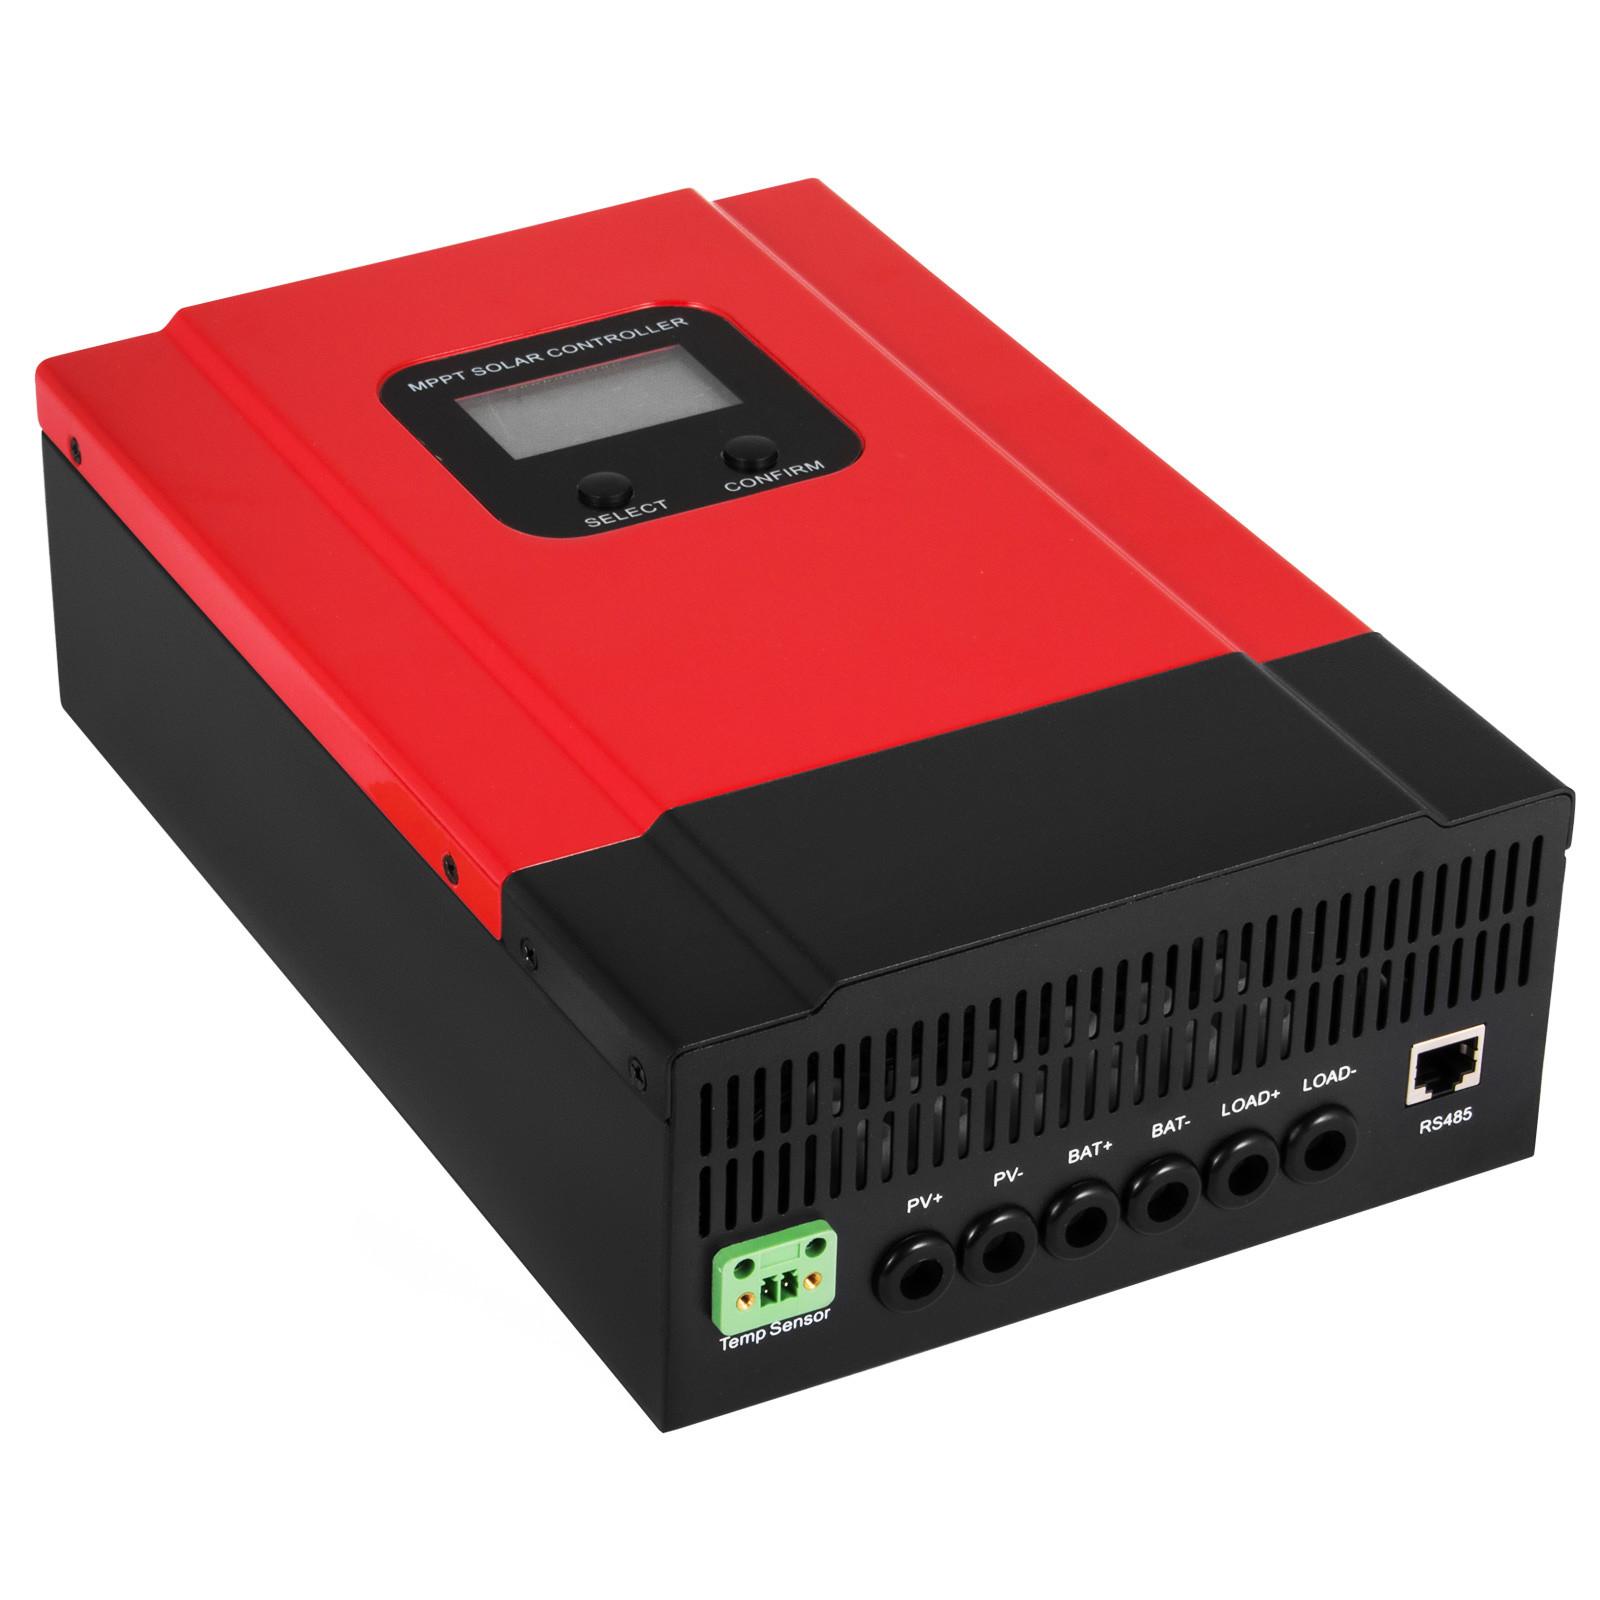 ESMART-3-LCD-40a-50a-60a-12v-24v-36v-48v-MPPT-Solar-Charge-Controller-Regolatore-di-carica miniatura 24